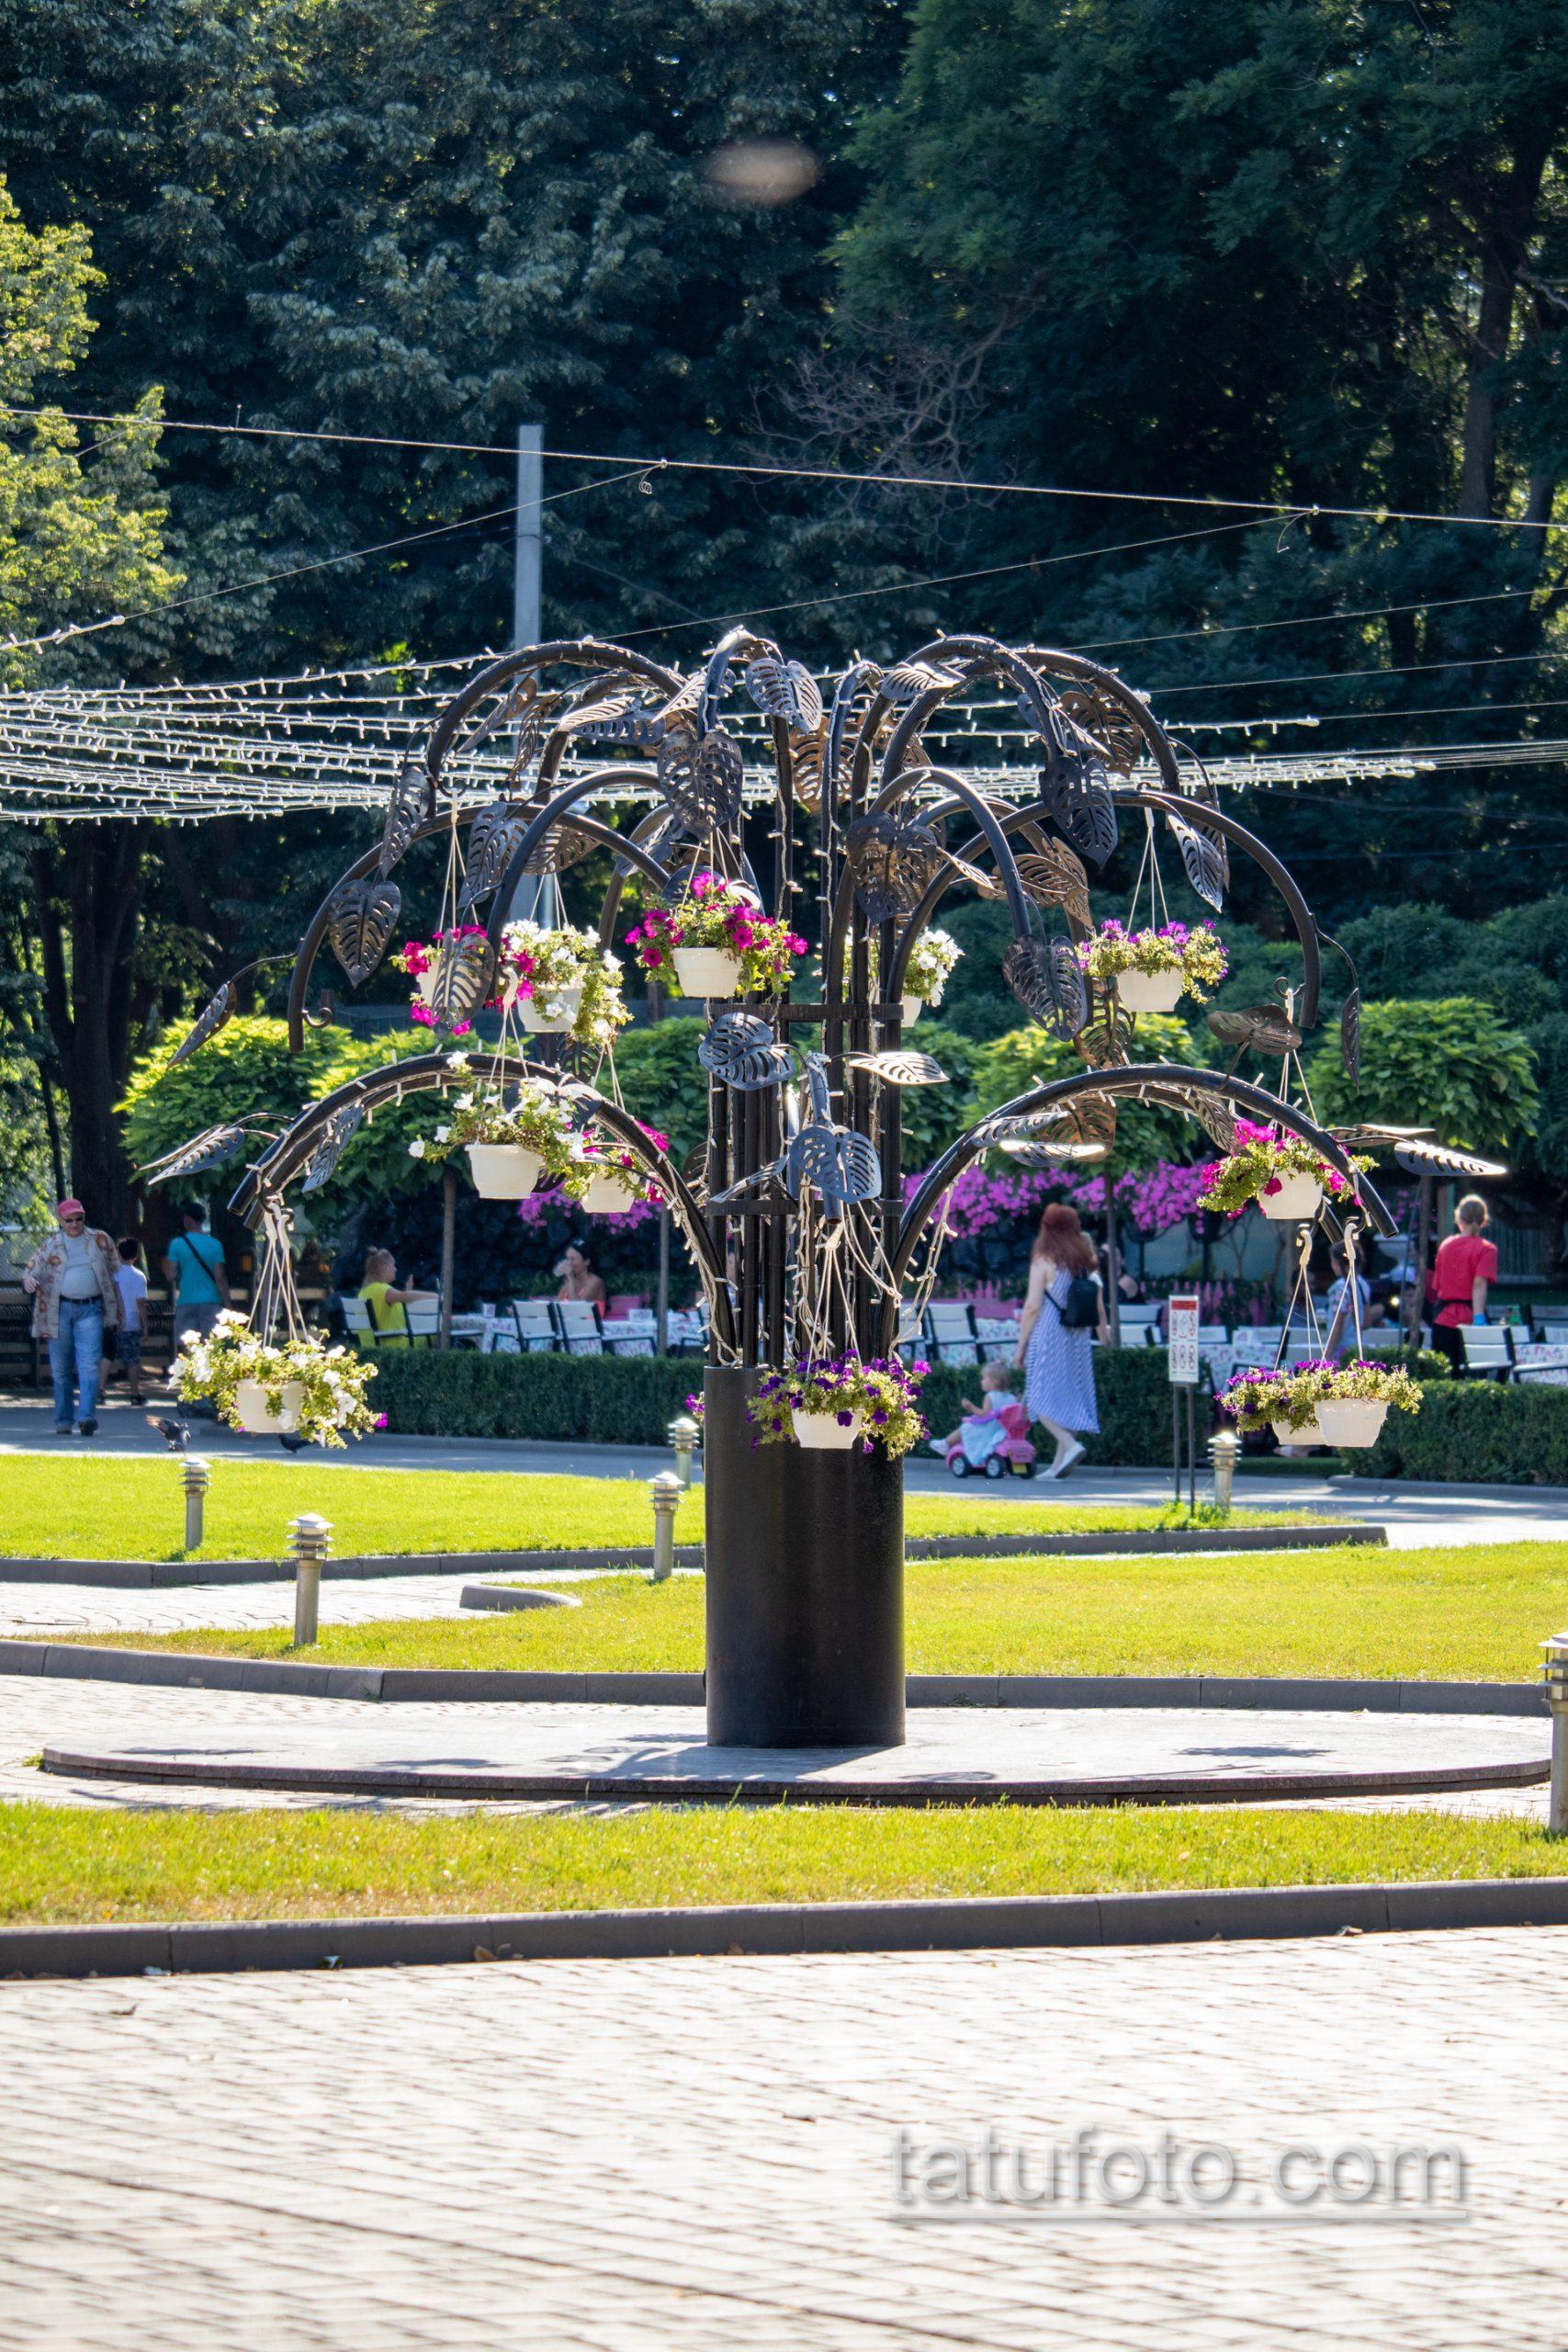 Фото скульптуры в виде дерева – Уличная татуировка 14.09.2020 – tatufoto.com 1